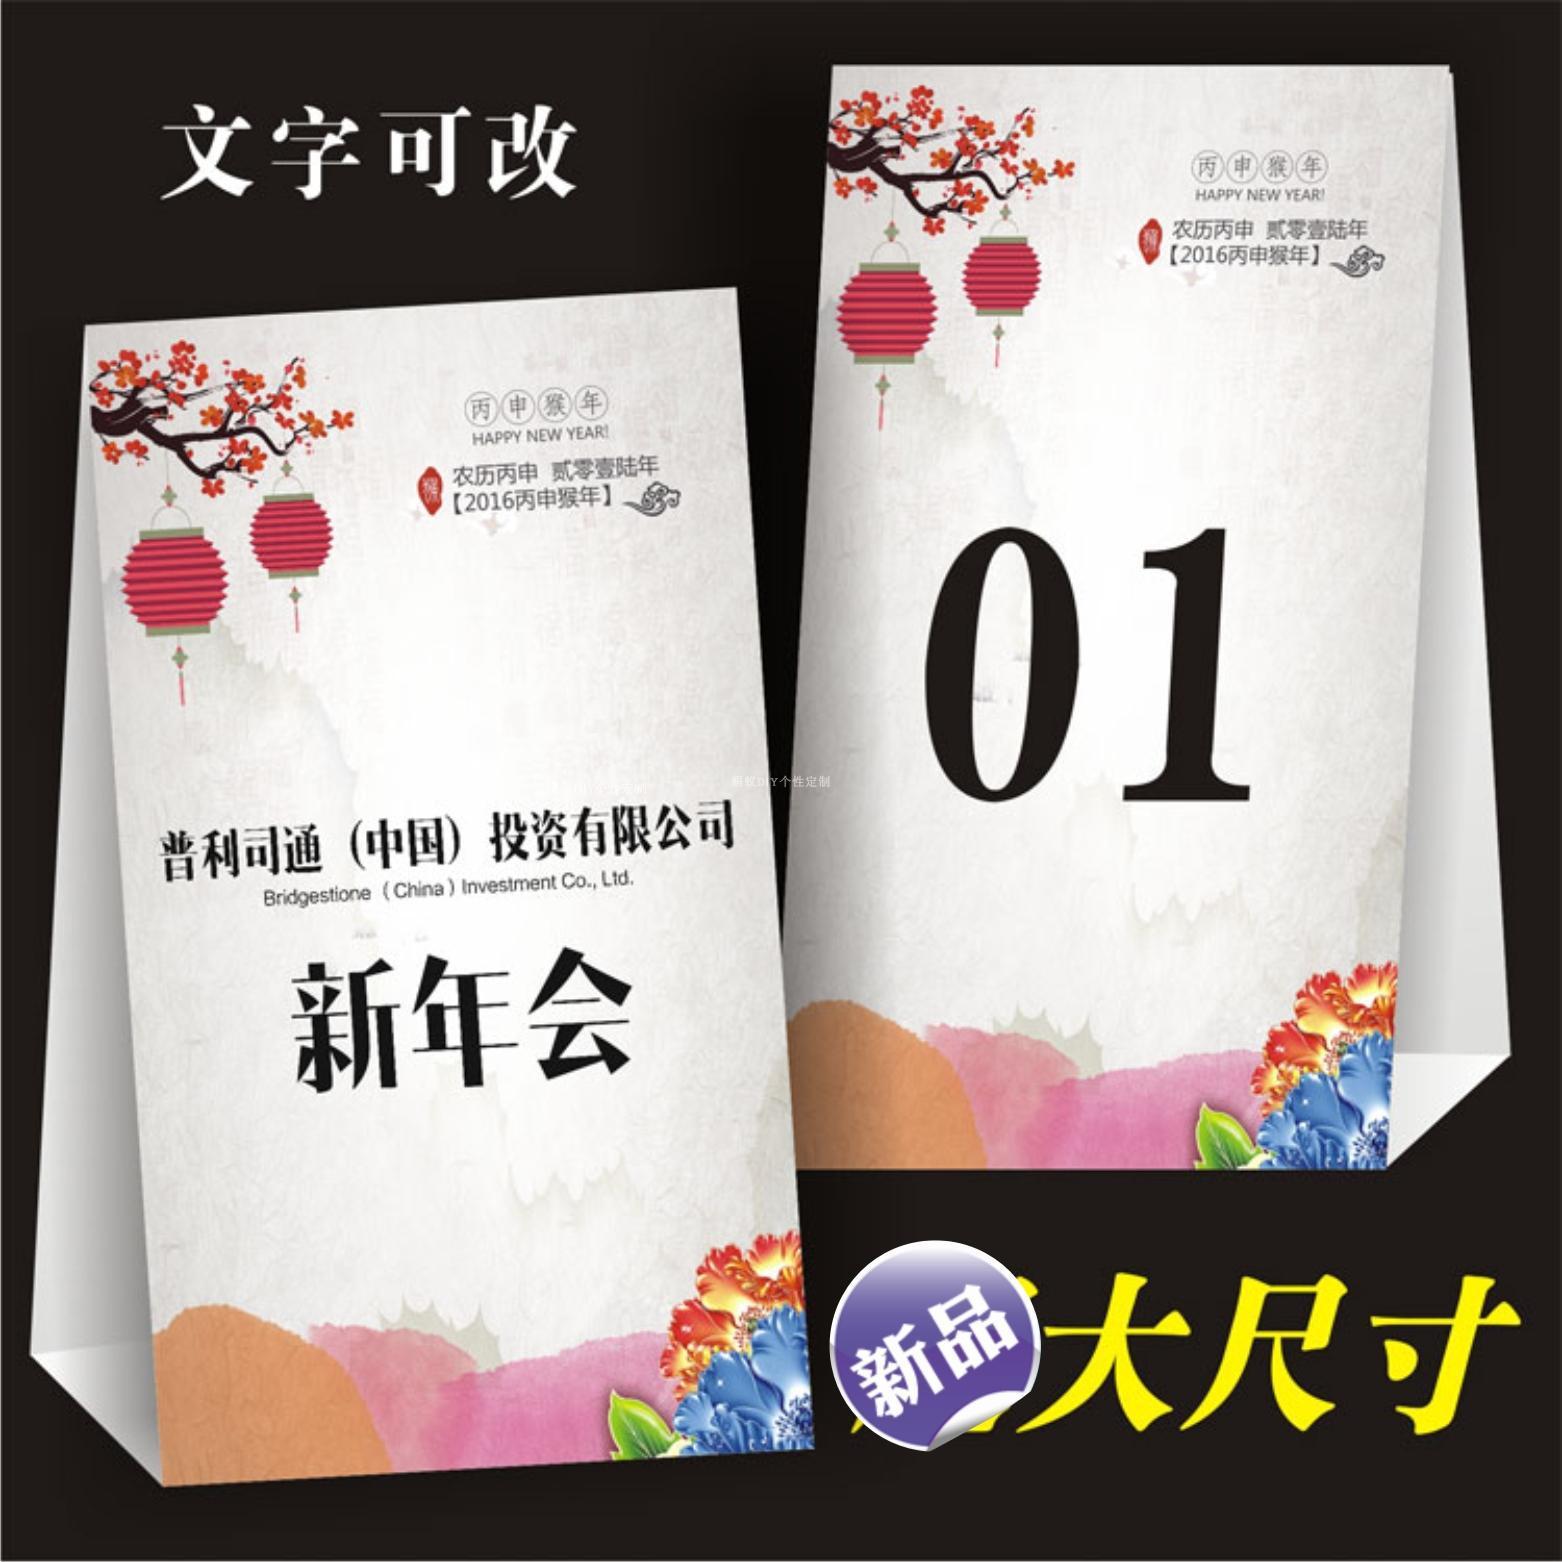 Новый год деятельность сиденье позиция карта хвост зуб стол карта / компания деятельность / год может стол карта / блок фестиваль праздник может тайвань карта